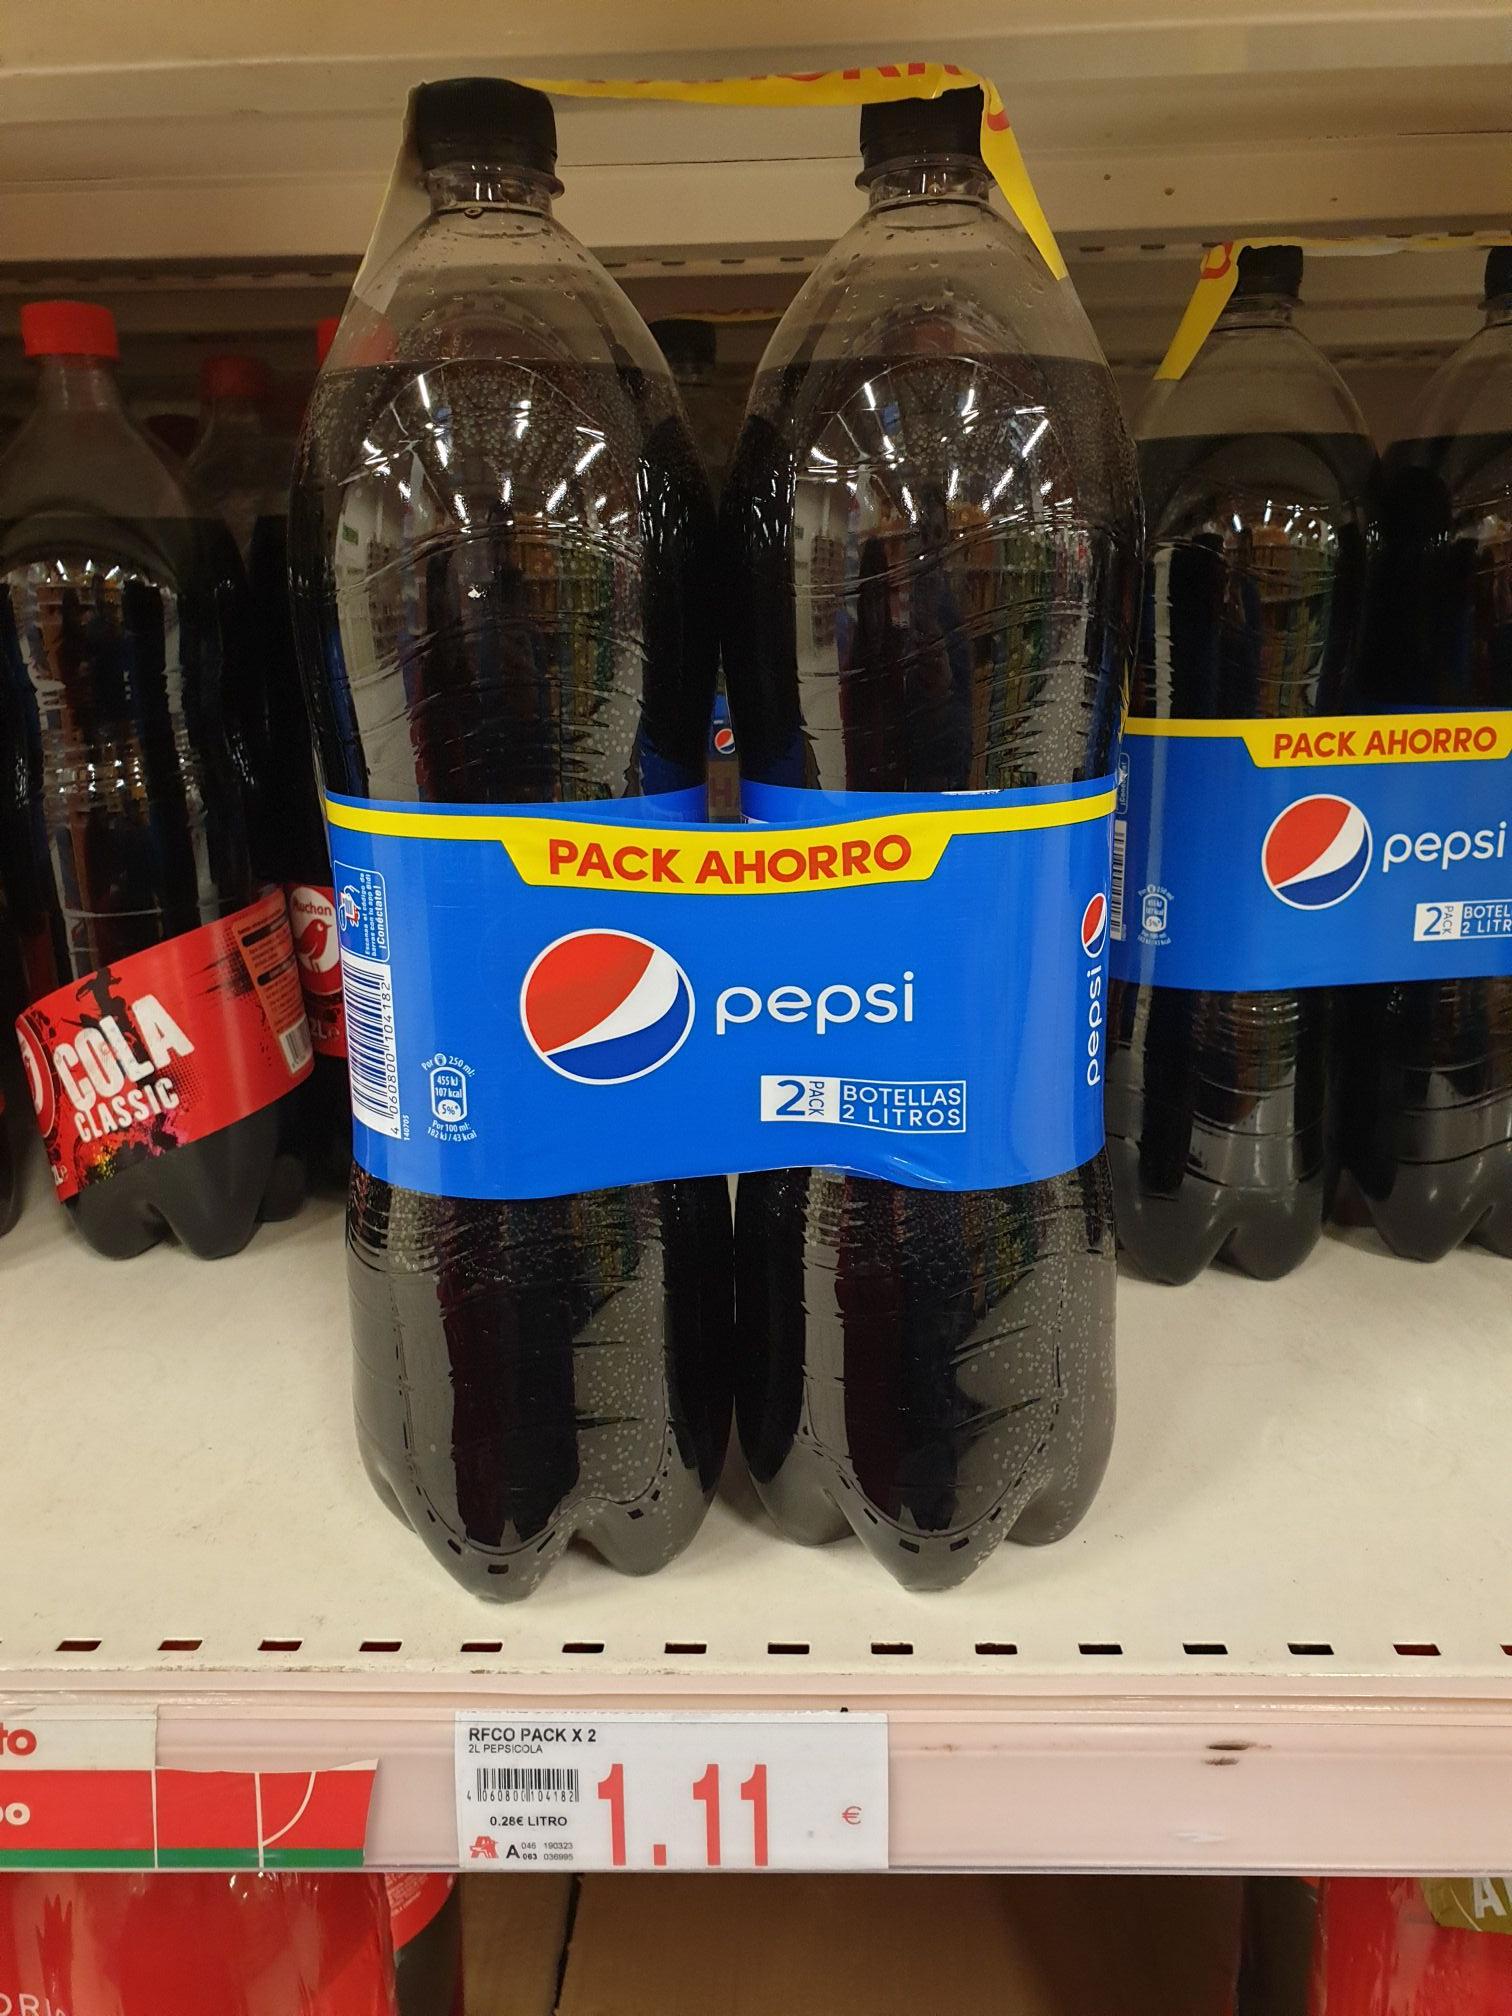 Pack 2 botellas de 2L de pepsi